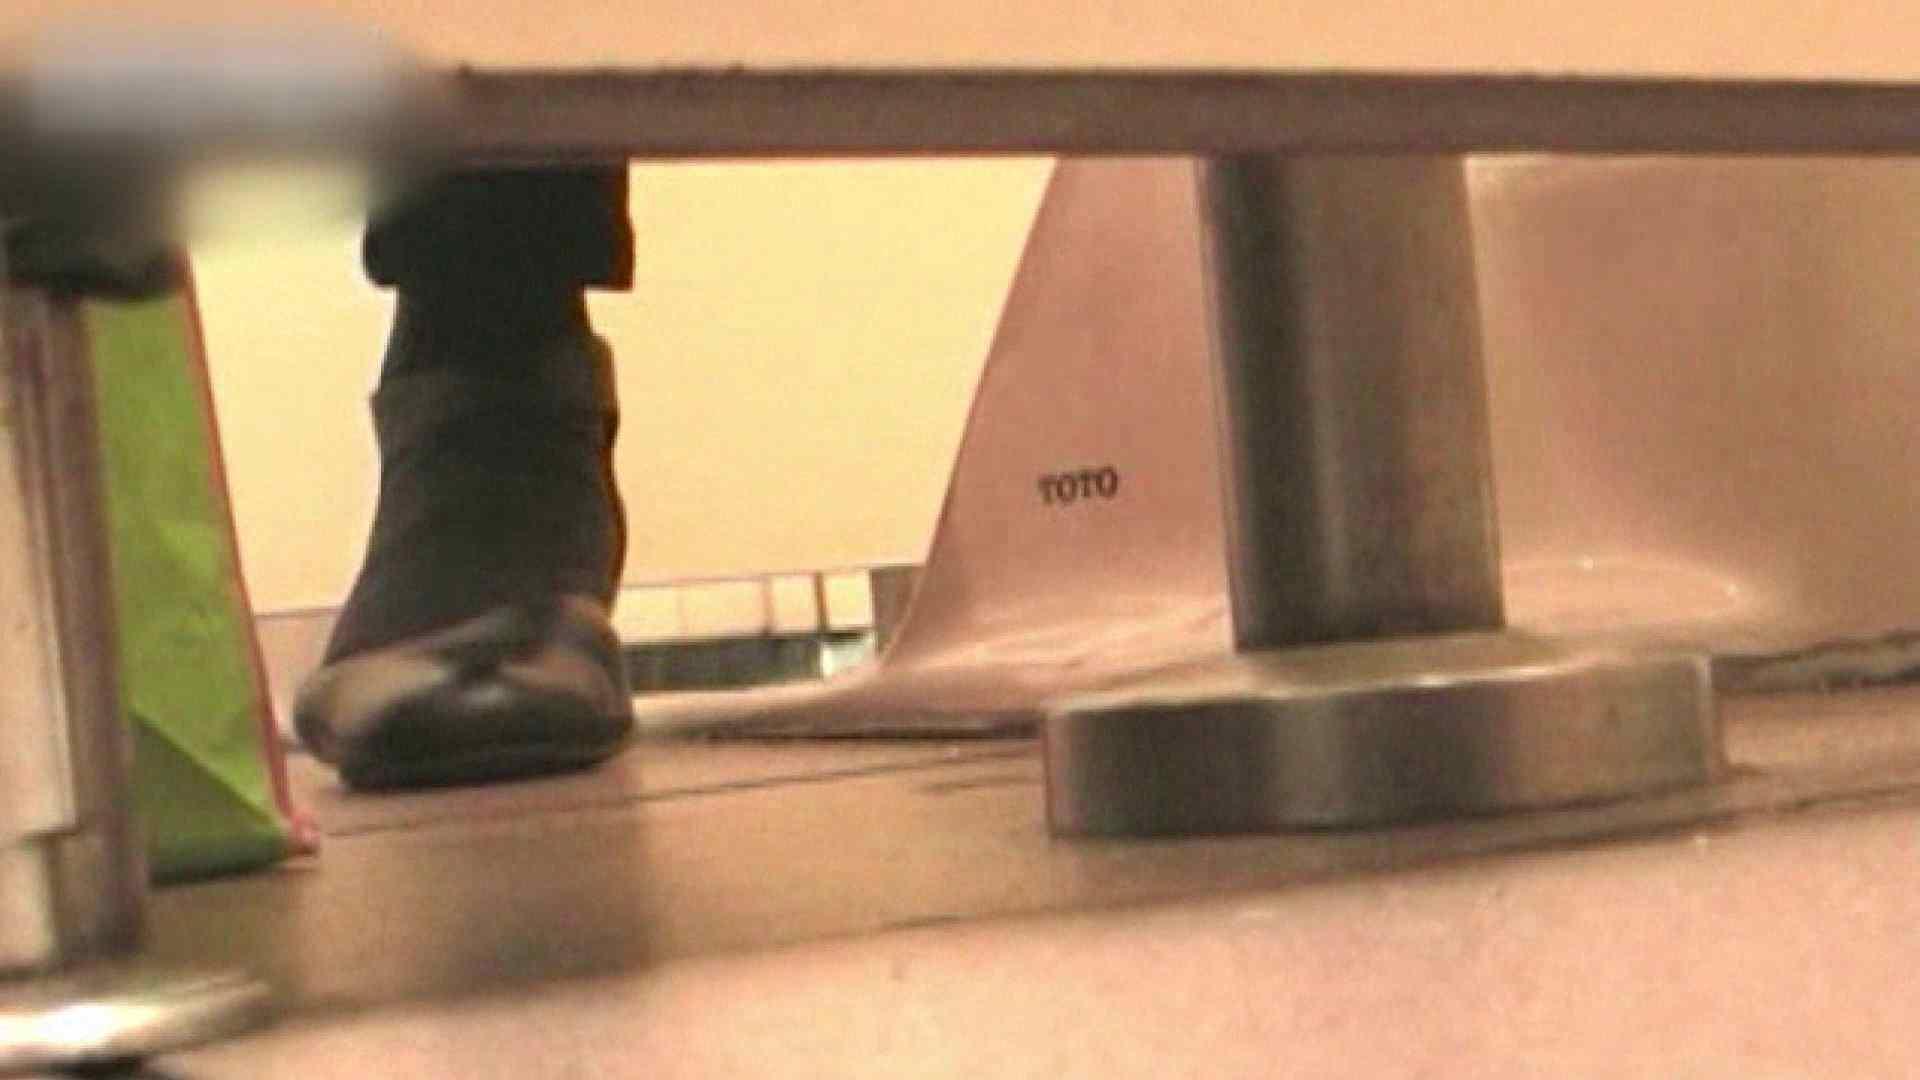 ロックハンドさんの盗撮記録File.28 厠隠し撮り AV無料動画キャプチャ 104pic 45